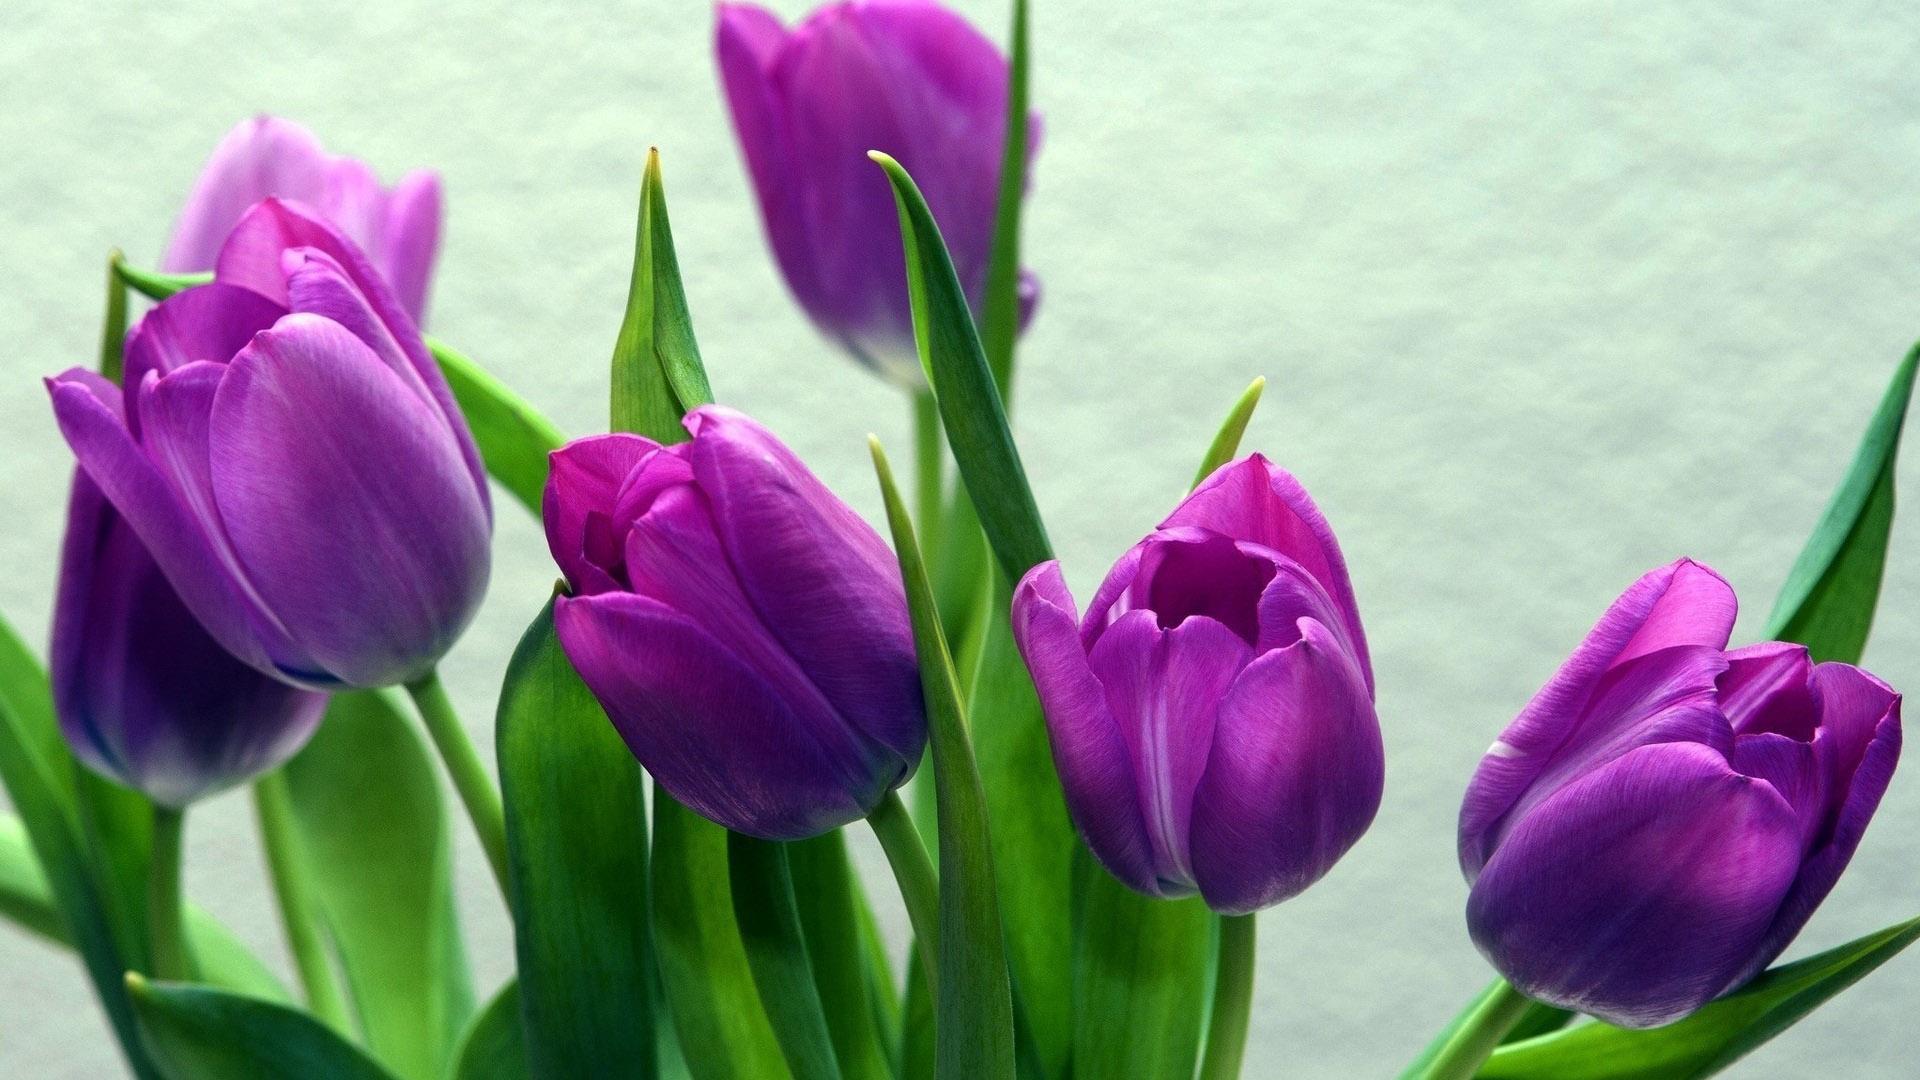 Красивые картинки на рабочий стол тюльпаны - подборка 3